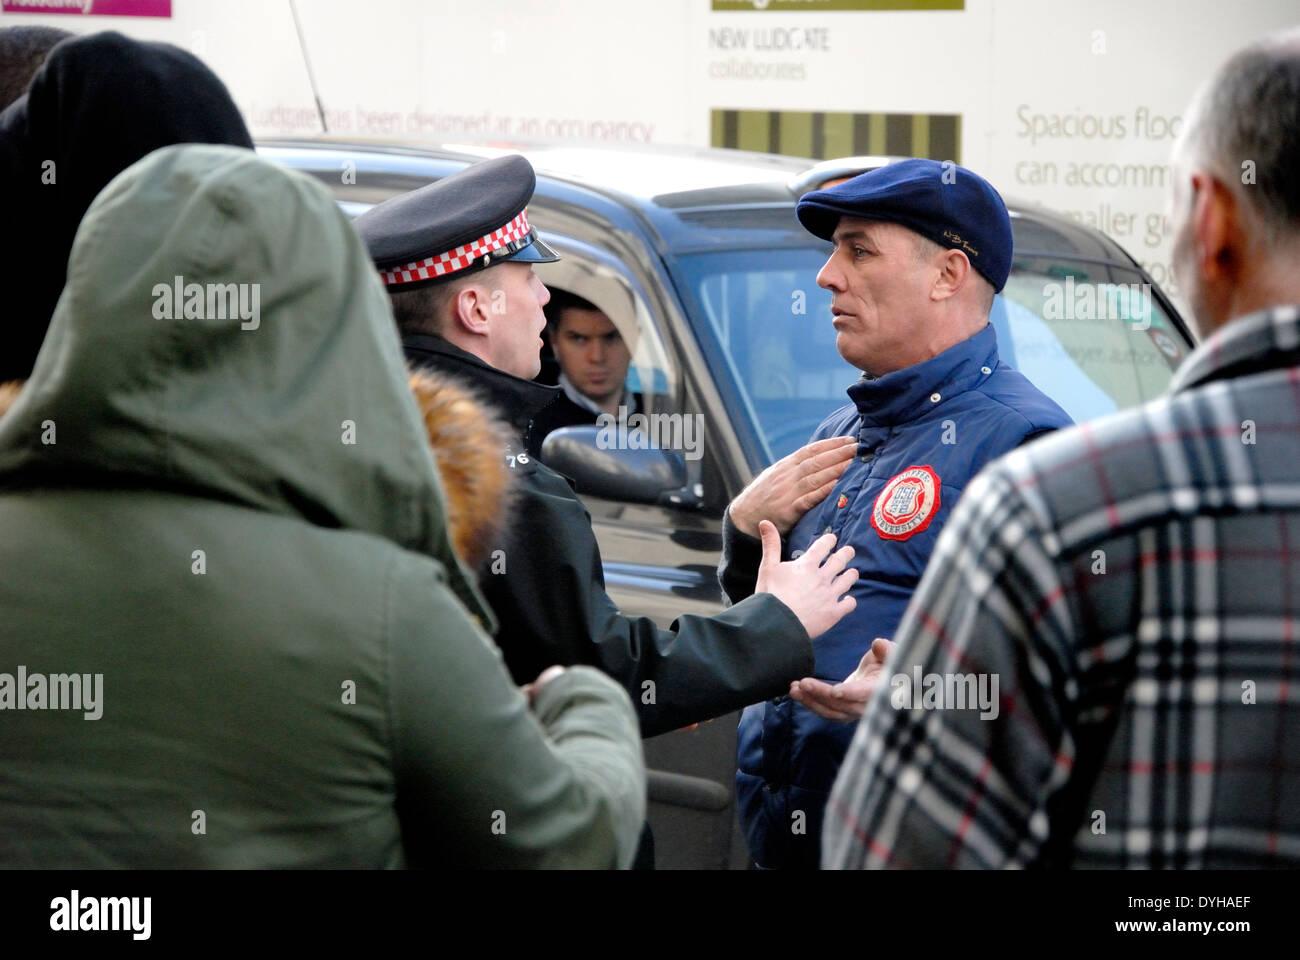 Konfrontation zwischen Polizist und ein Demonstrant auf die Lee Rigby Mord Prozess Verurteilung - Old Bailey 26. Februar 2014. Stockbild